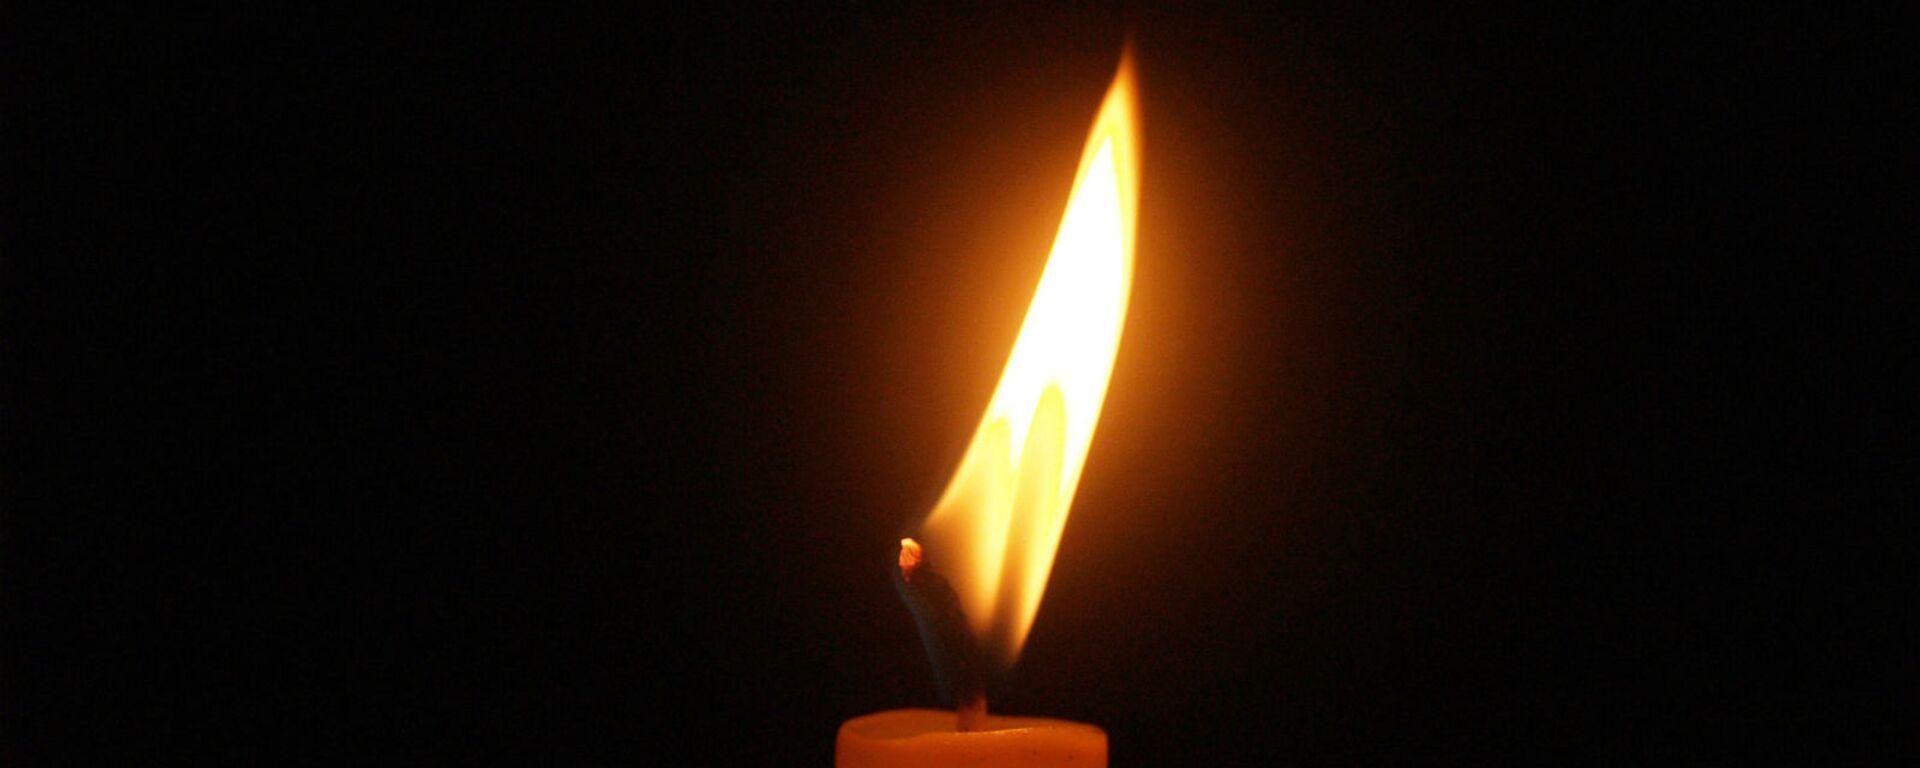 Зажженные свечи - Sputnik Արմենիա, 1920, 08.08.2021